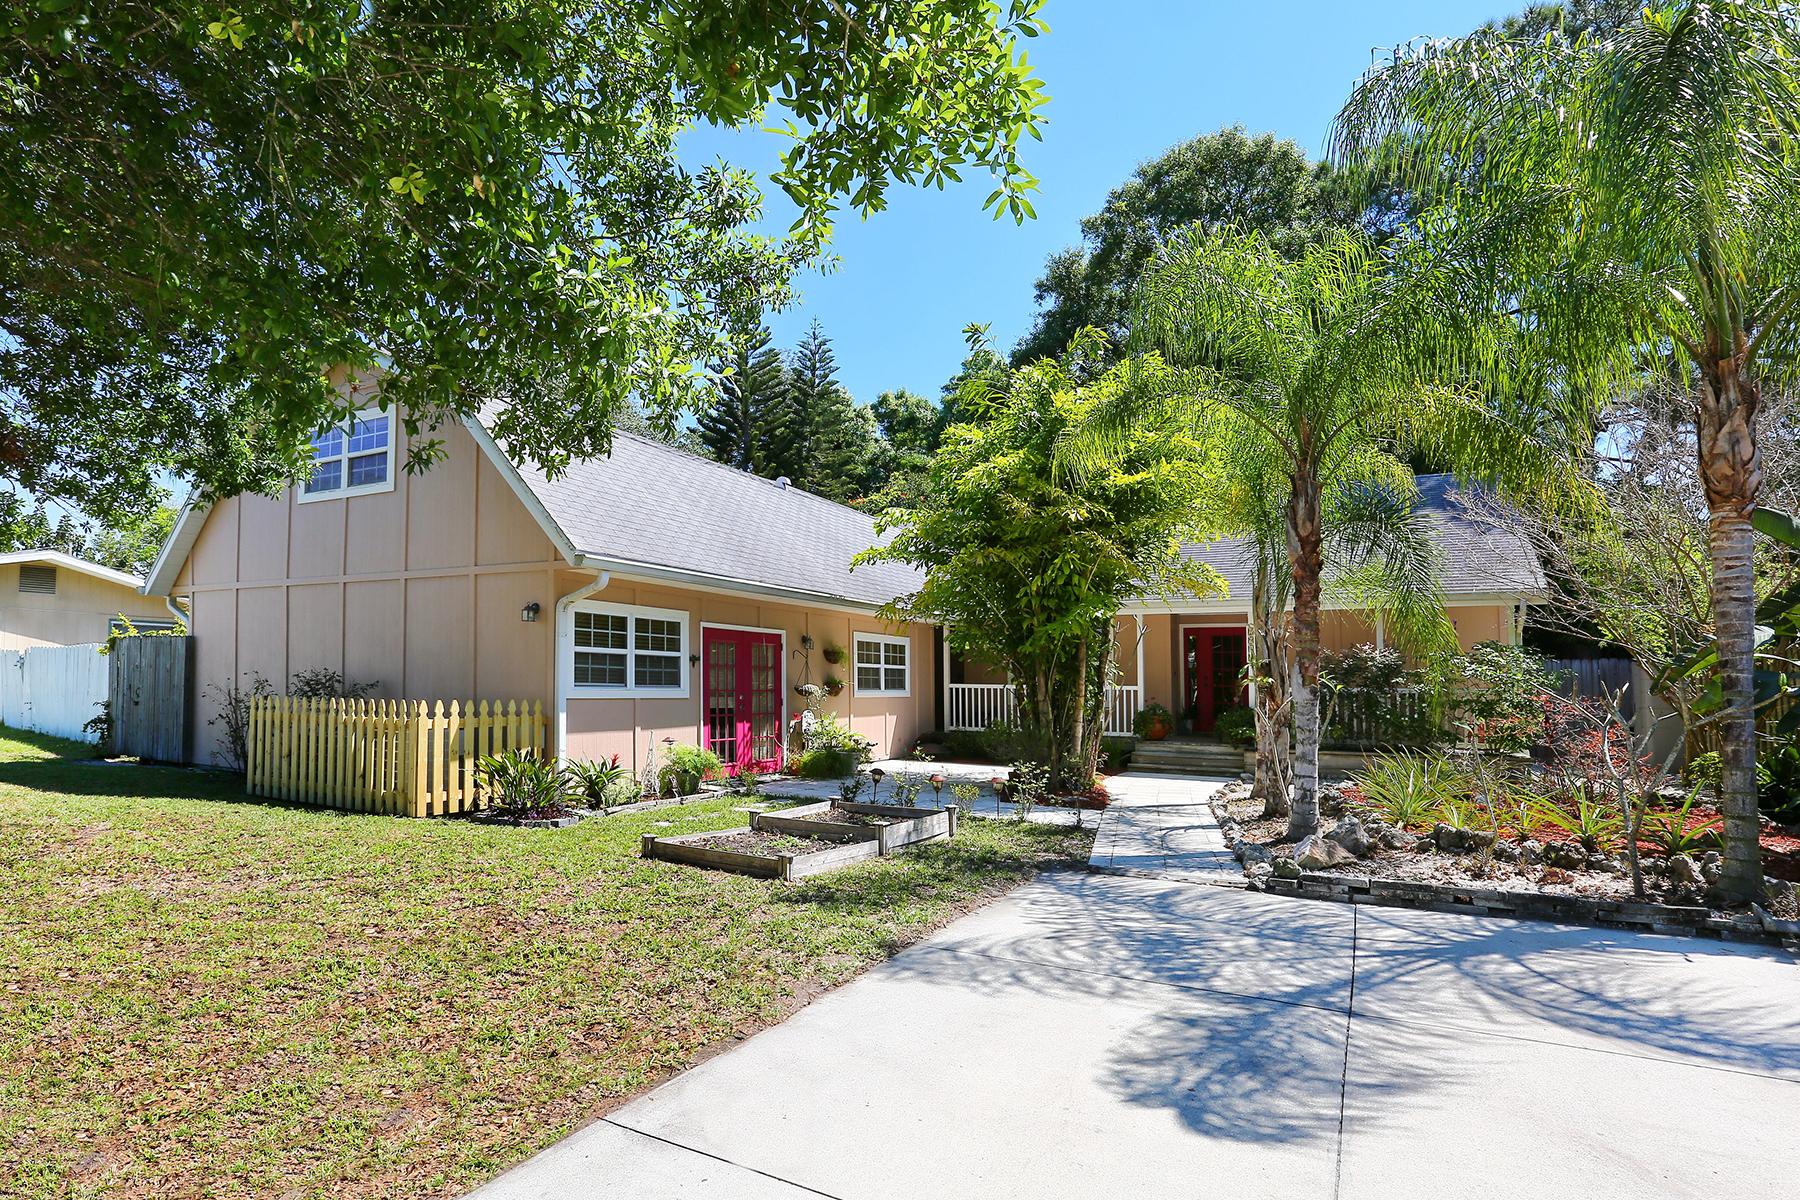 Nhà ở một gia đình vì Bán tại SARASOTA SPRINGS 2915 Teal Ave Sarasota, Florida 34232 Hoa Kỳ